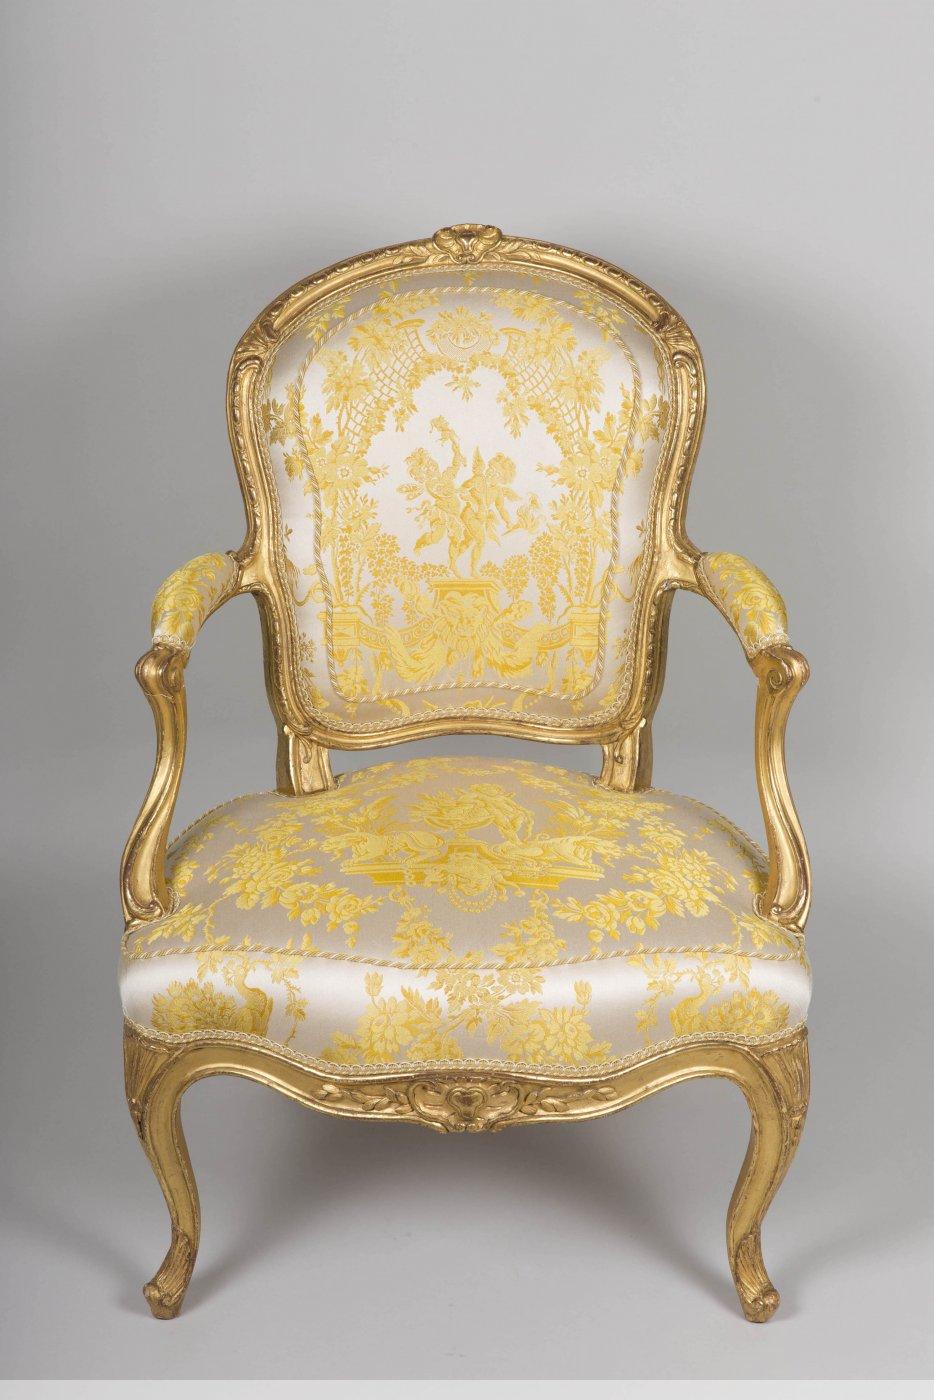 paire de fauteuils en bois dor d 39 poque louis xv estampill s tilliard xviiie si cle. Black Bedroom Furniture Sets. Home Design Ideas